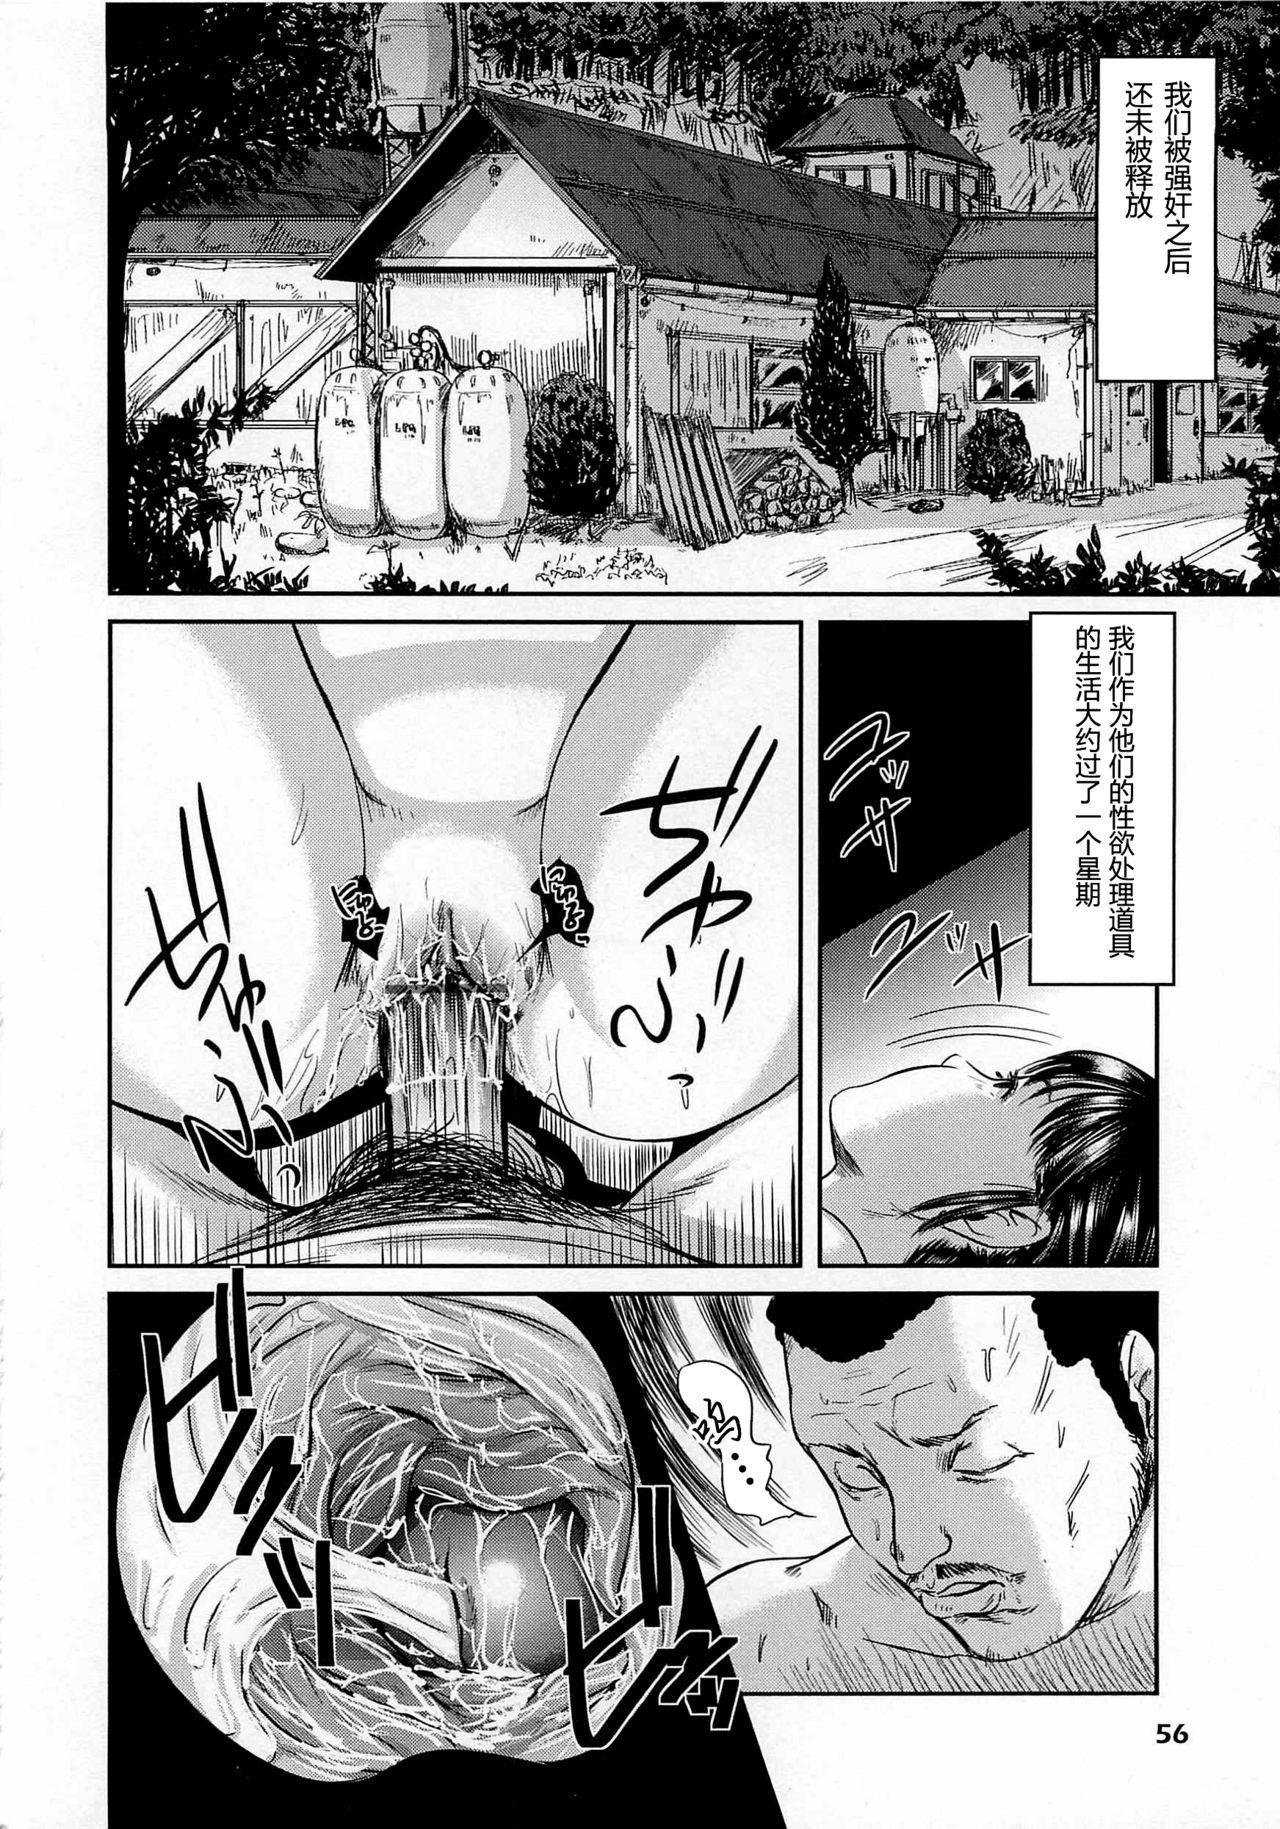 Daisenkou ~ Shin Dokuhime no Mitsu 61